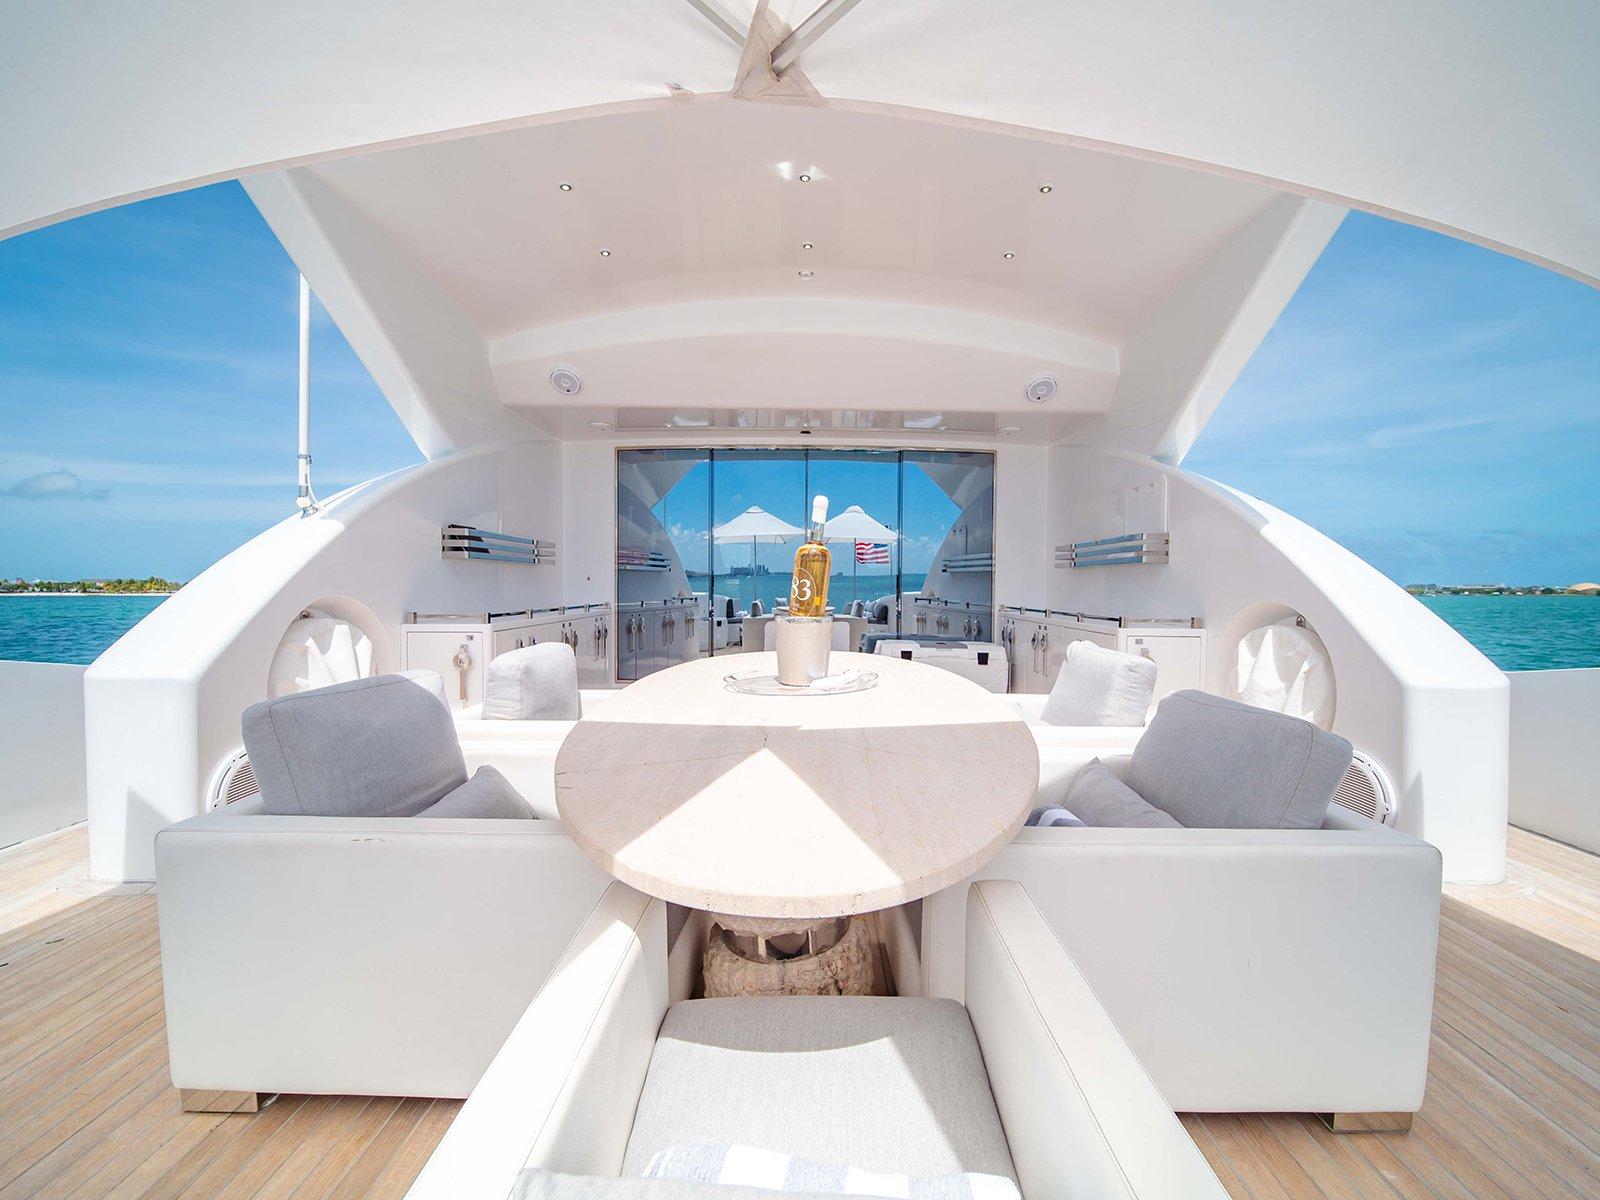 Boat Rentals Near Miami